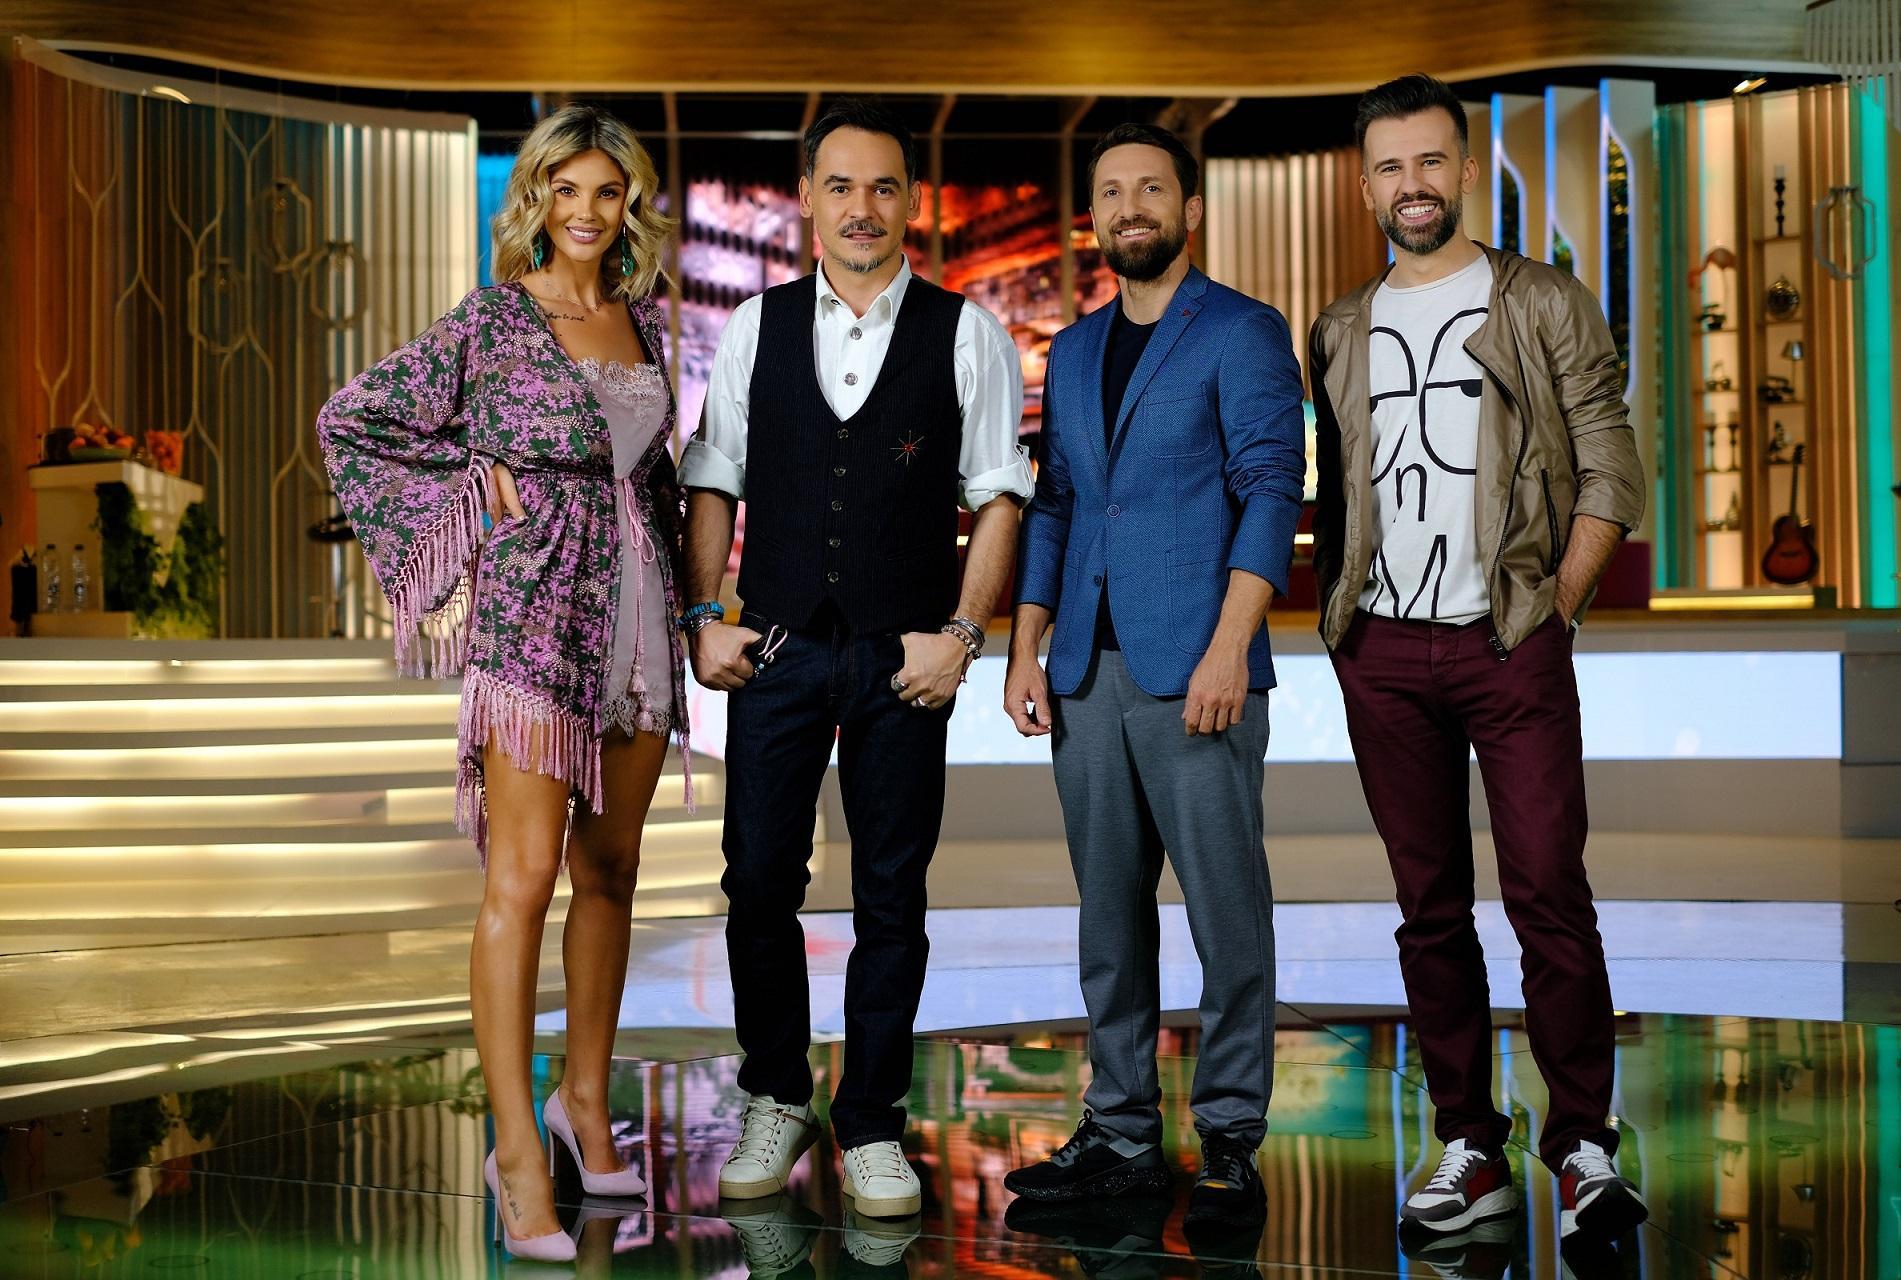 Ediţia în premieră Super Neatza cu Răzvan şi Dani, transmisă live dintr-un showroom de mobilă, lider de audienţă